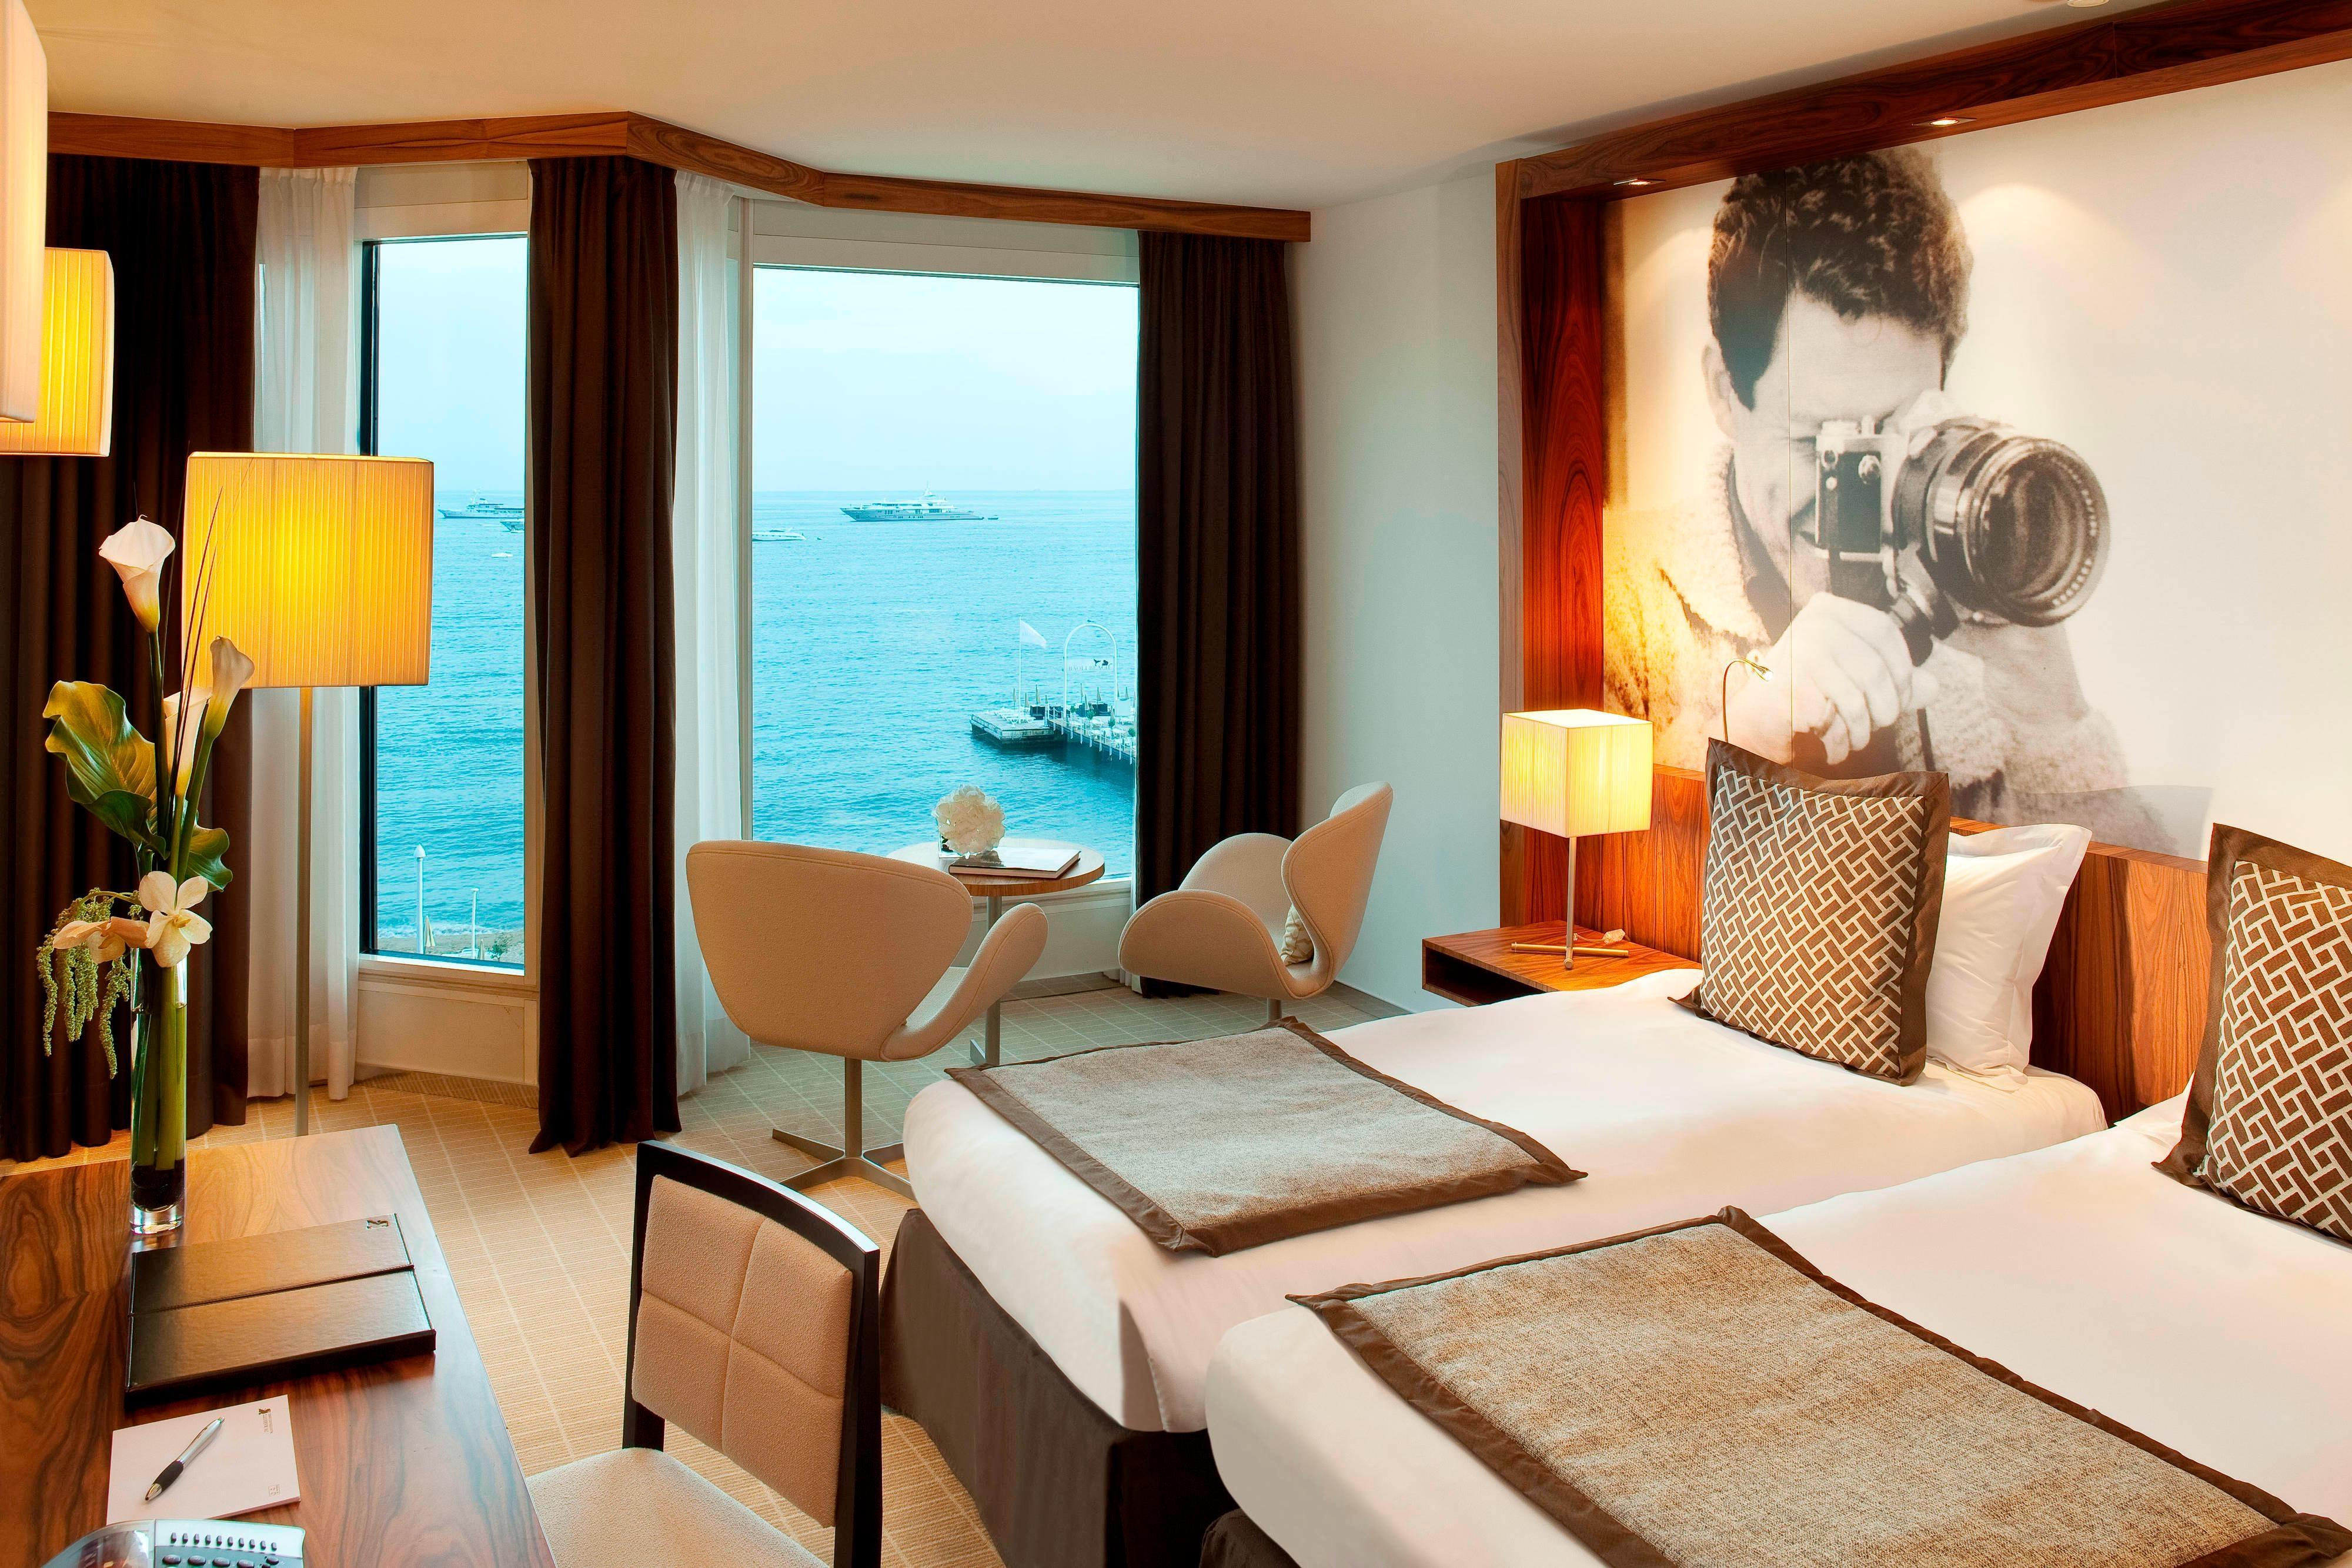 Chambres d'hôtel cinq étoiles à Cannes